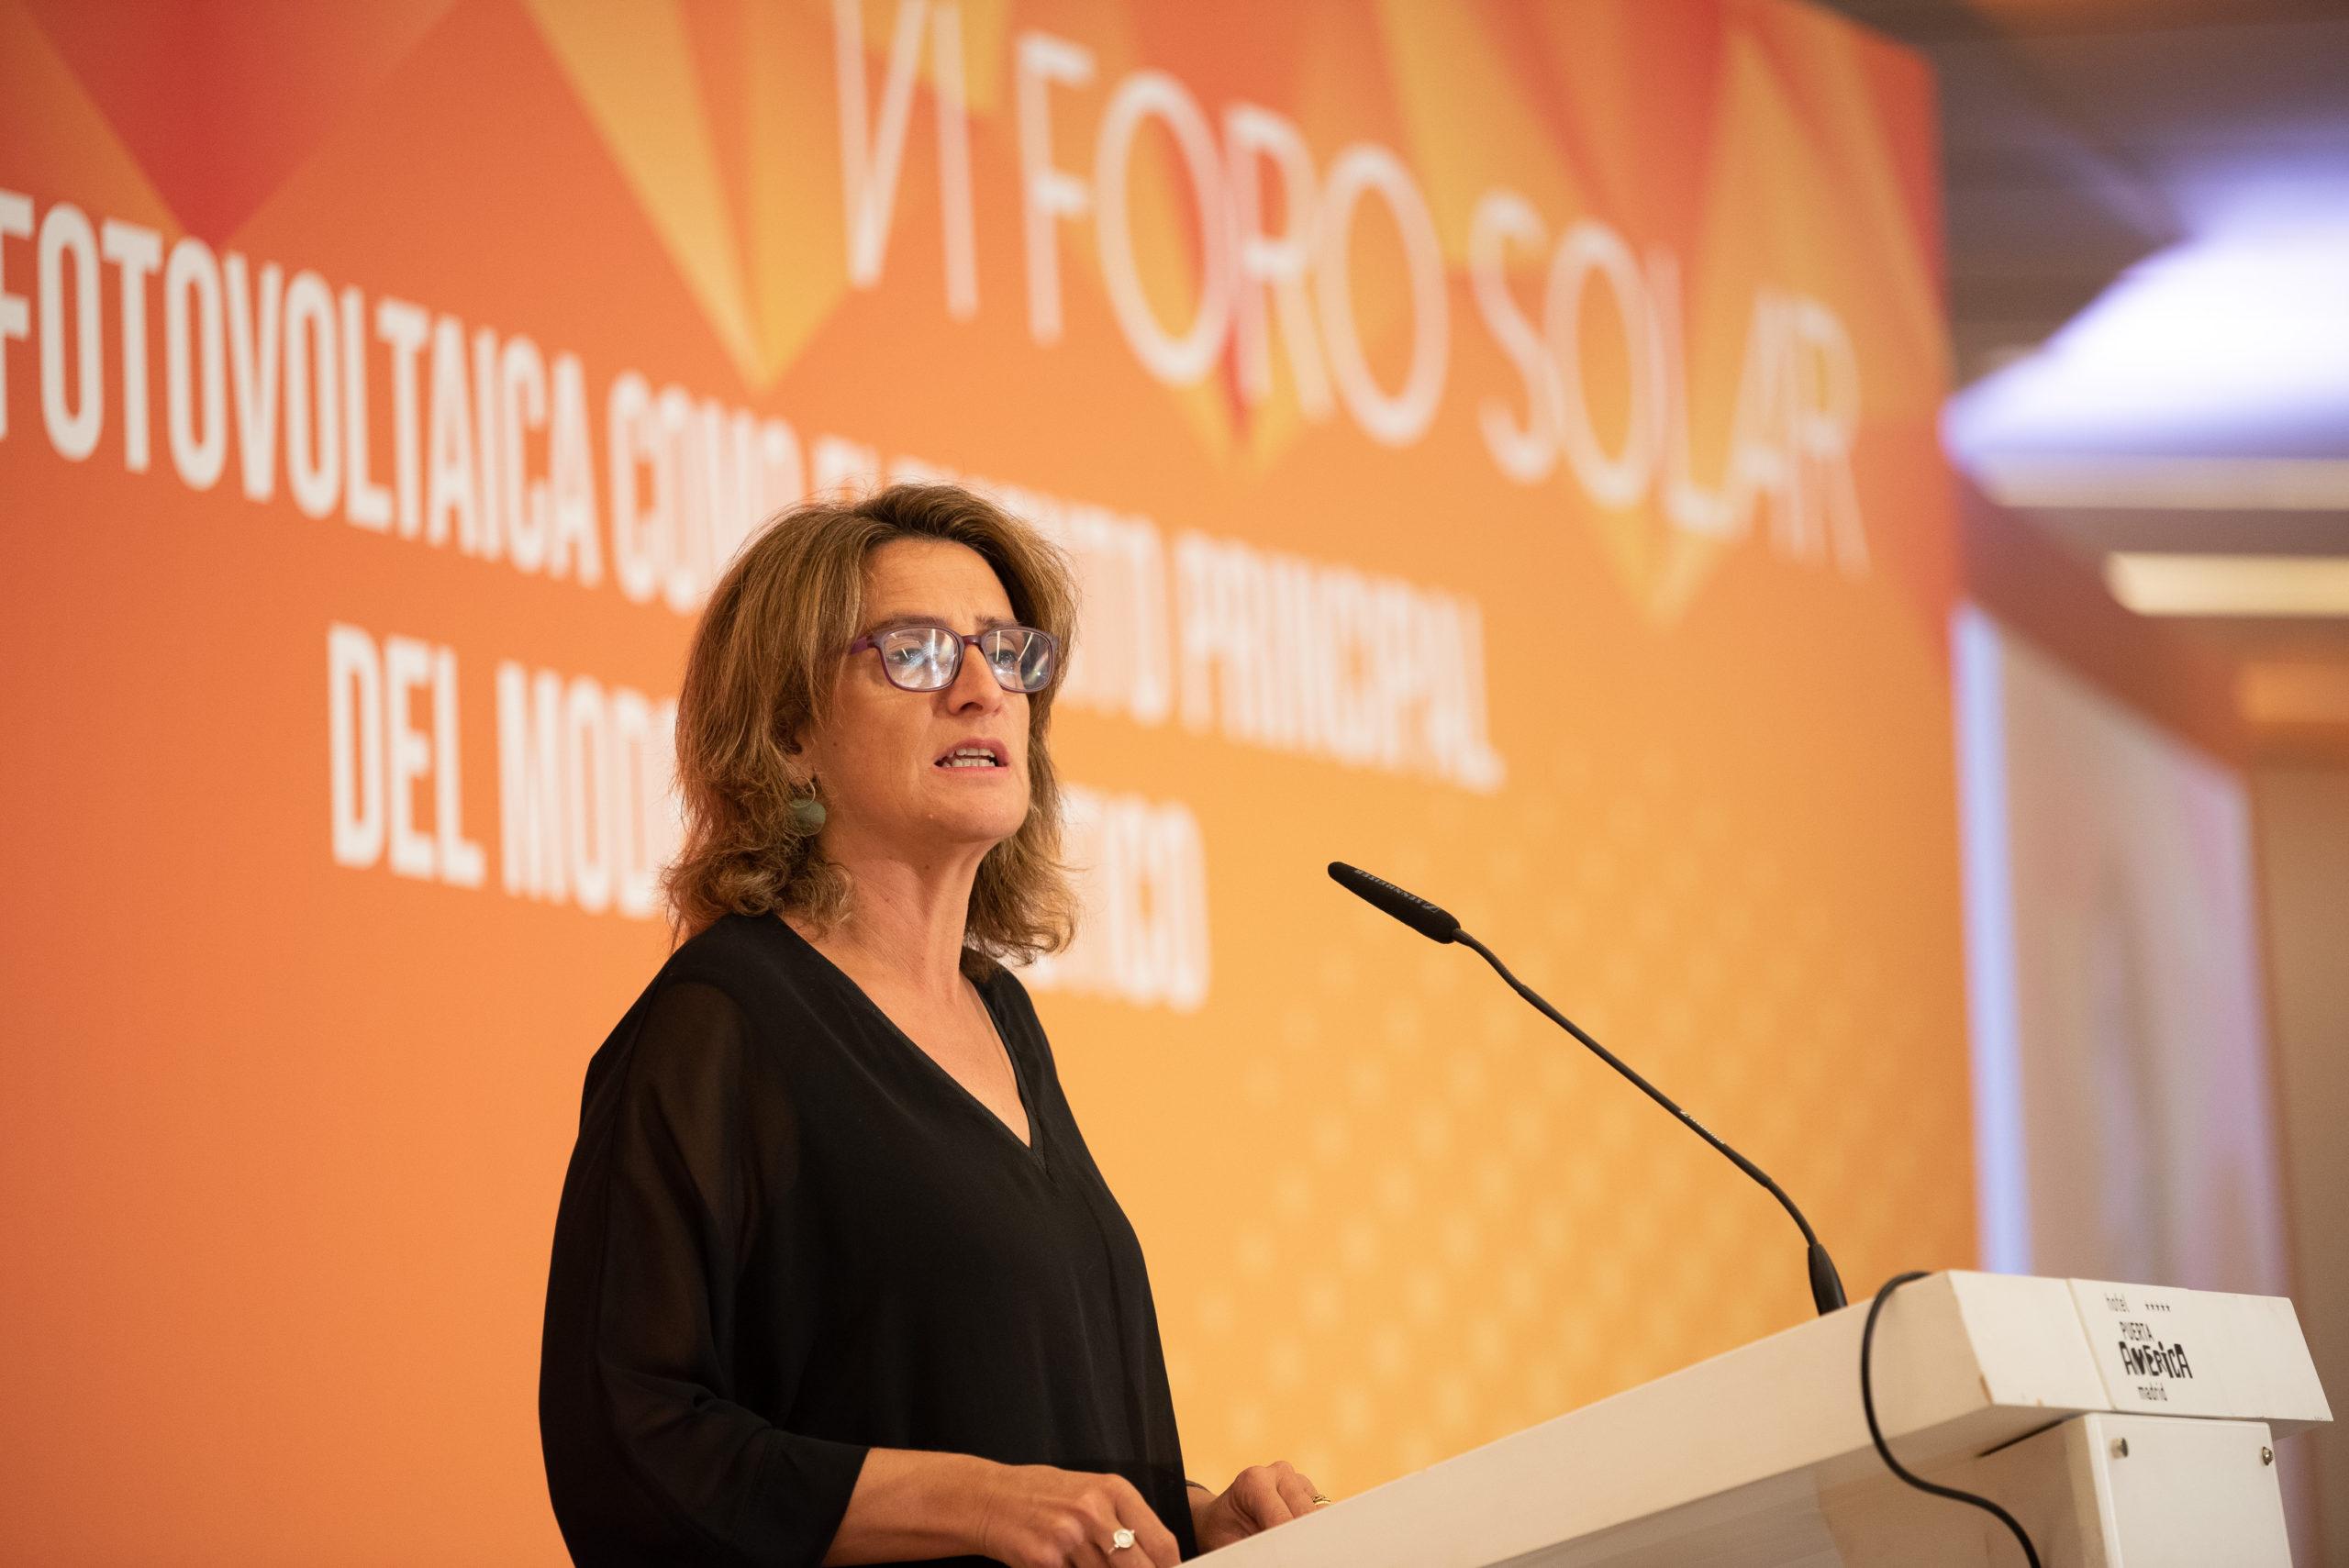 El gran evento fotovoltaico vuelve a Madrid el 19 y 20 de octubre en Madrid y contará con una mesa especial de debate sobre los resultados de la subasta renovables